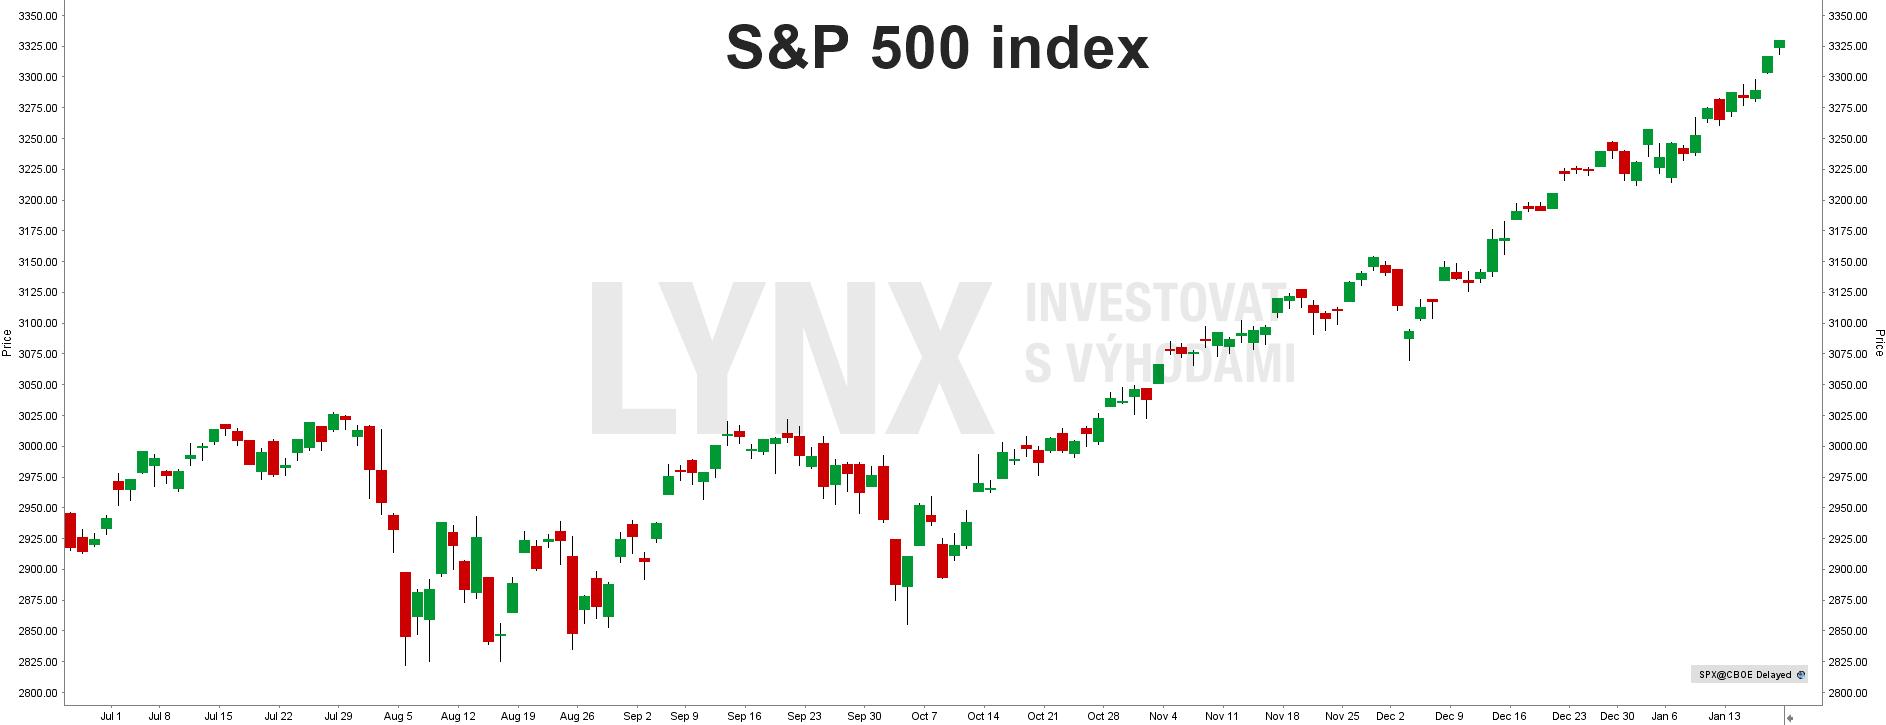 S&P 500 index - graf 2019/2020